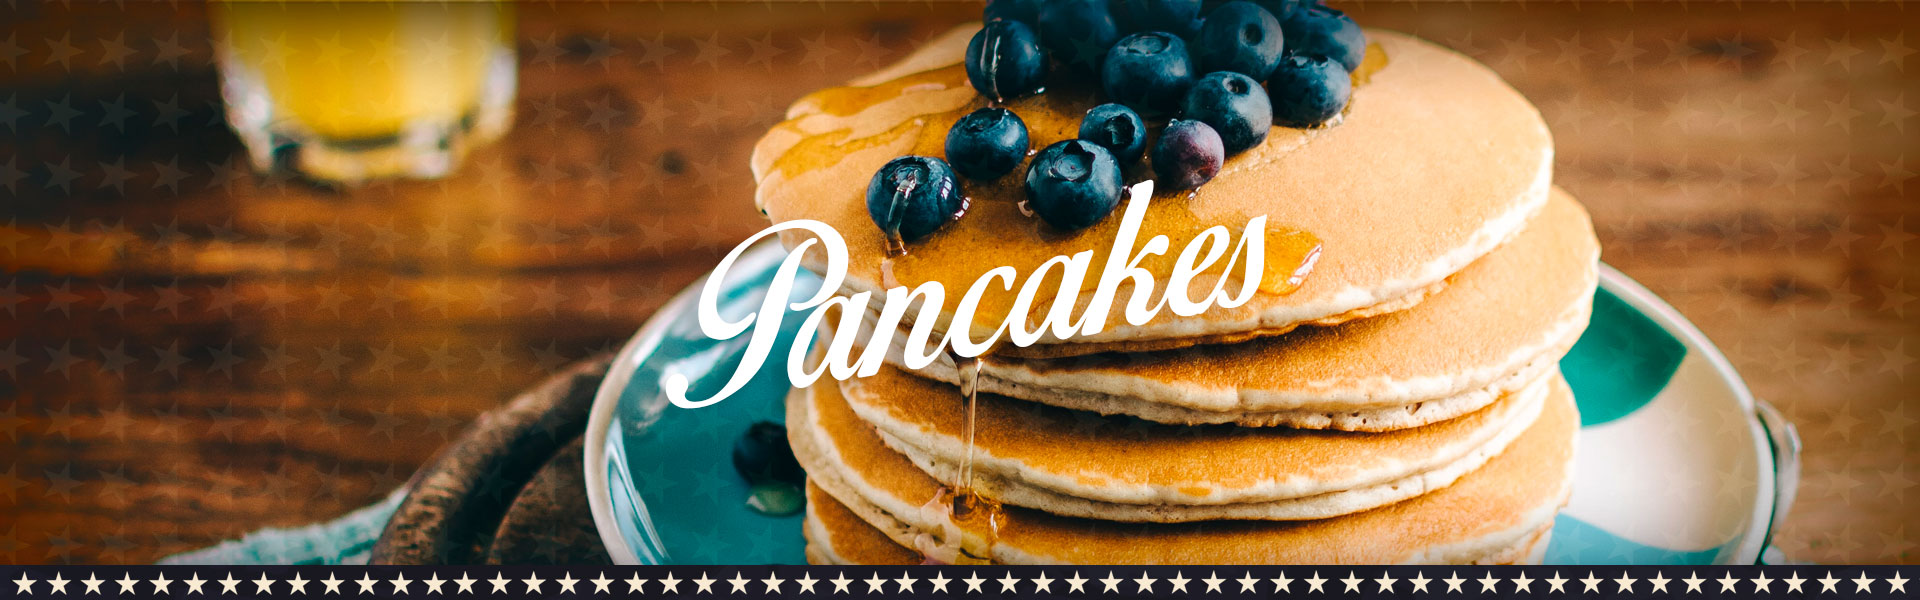 pancakes_header